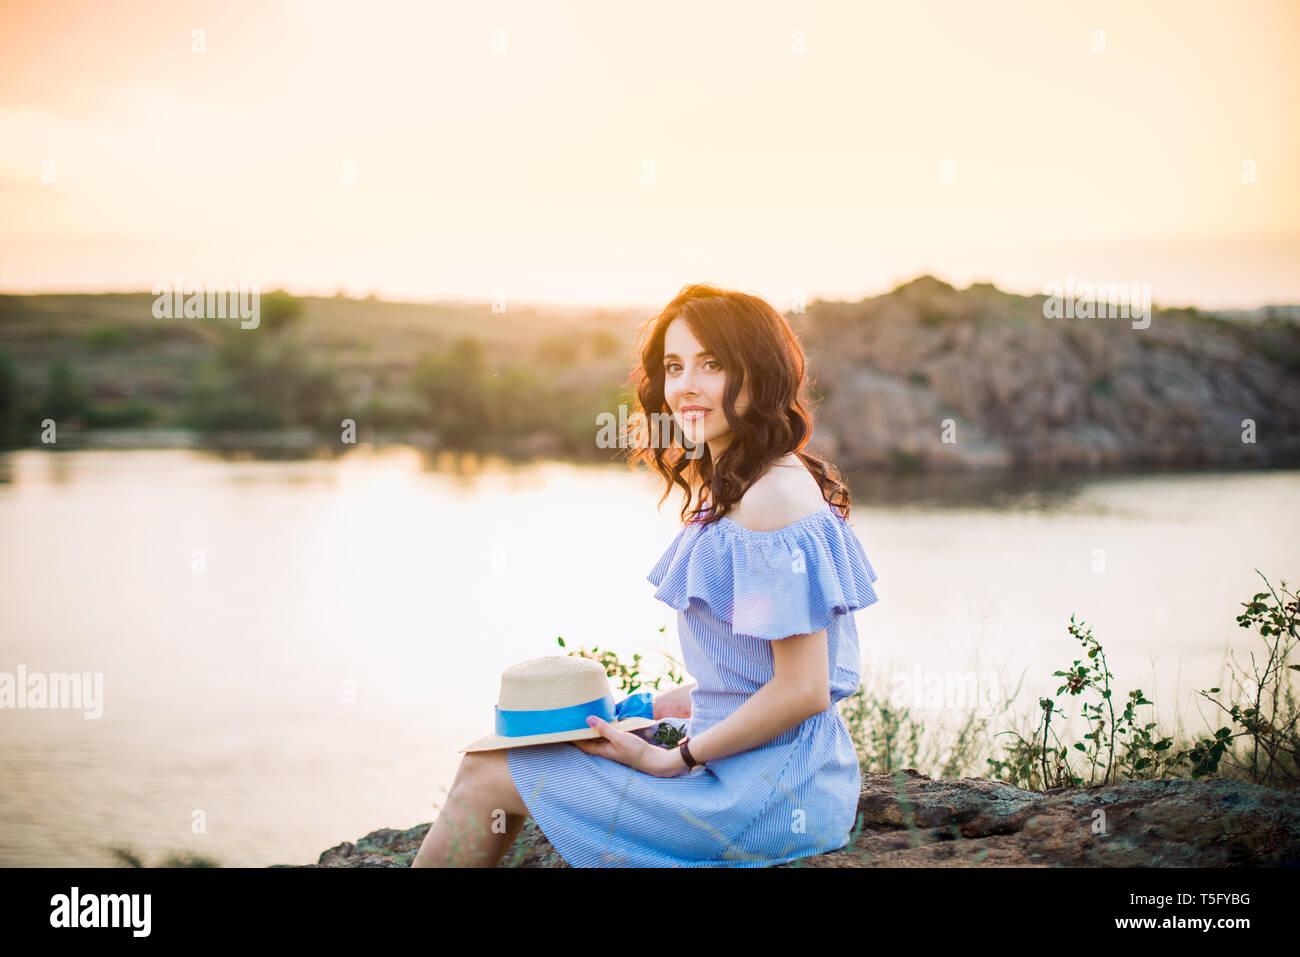 Retrato de joven mujer en azul vestido romántico con sombrero sentado cerca de río y disfrutar de la puesta de sol por la tarde. Tranquilidad y armonía. Vacaciones de Verano,divertido, positiv Imagen De Stock